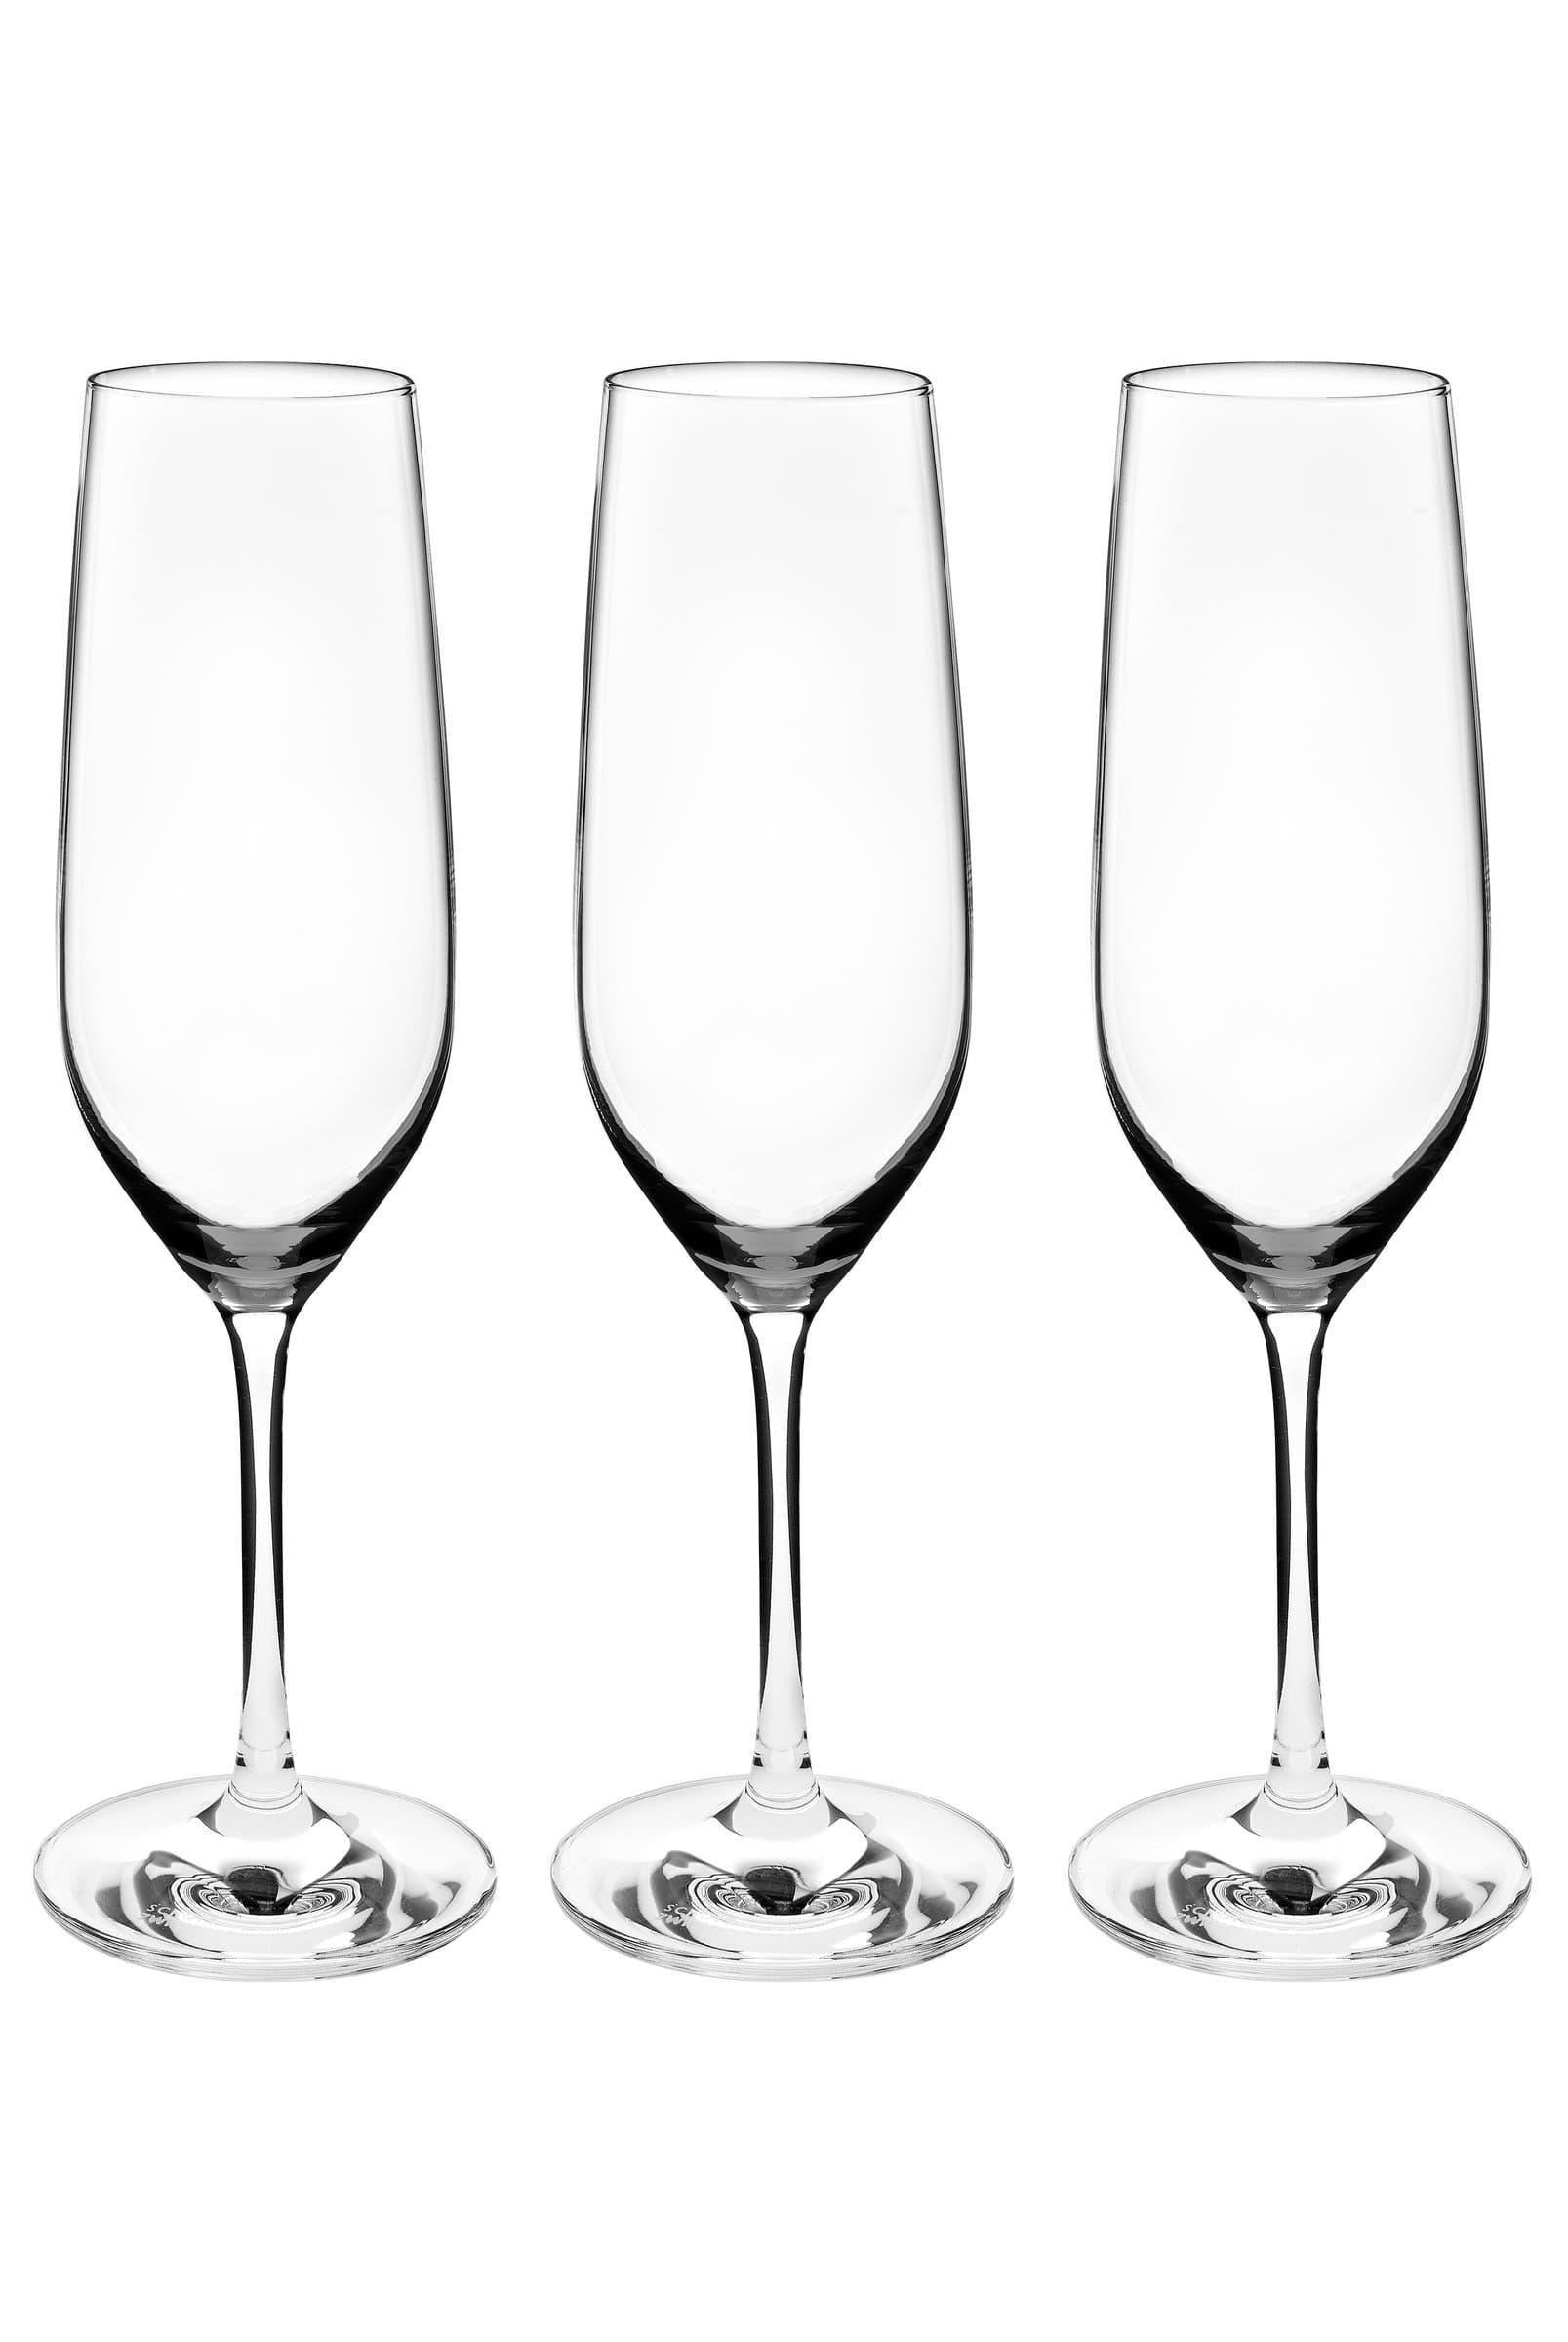 Cucina & Tavola VINA Champagne Champagne